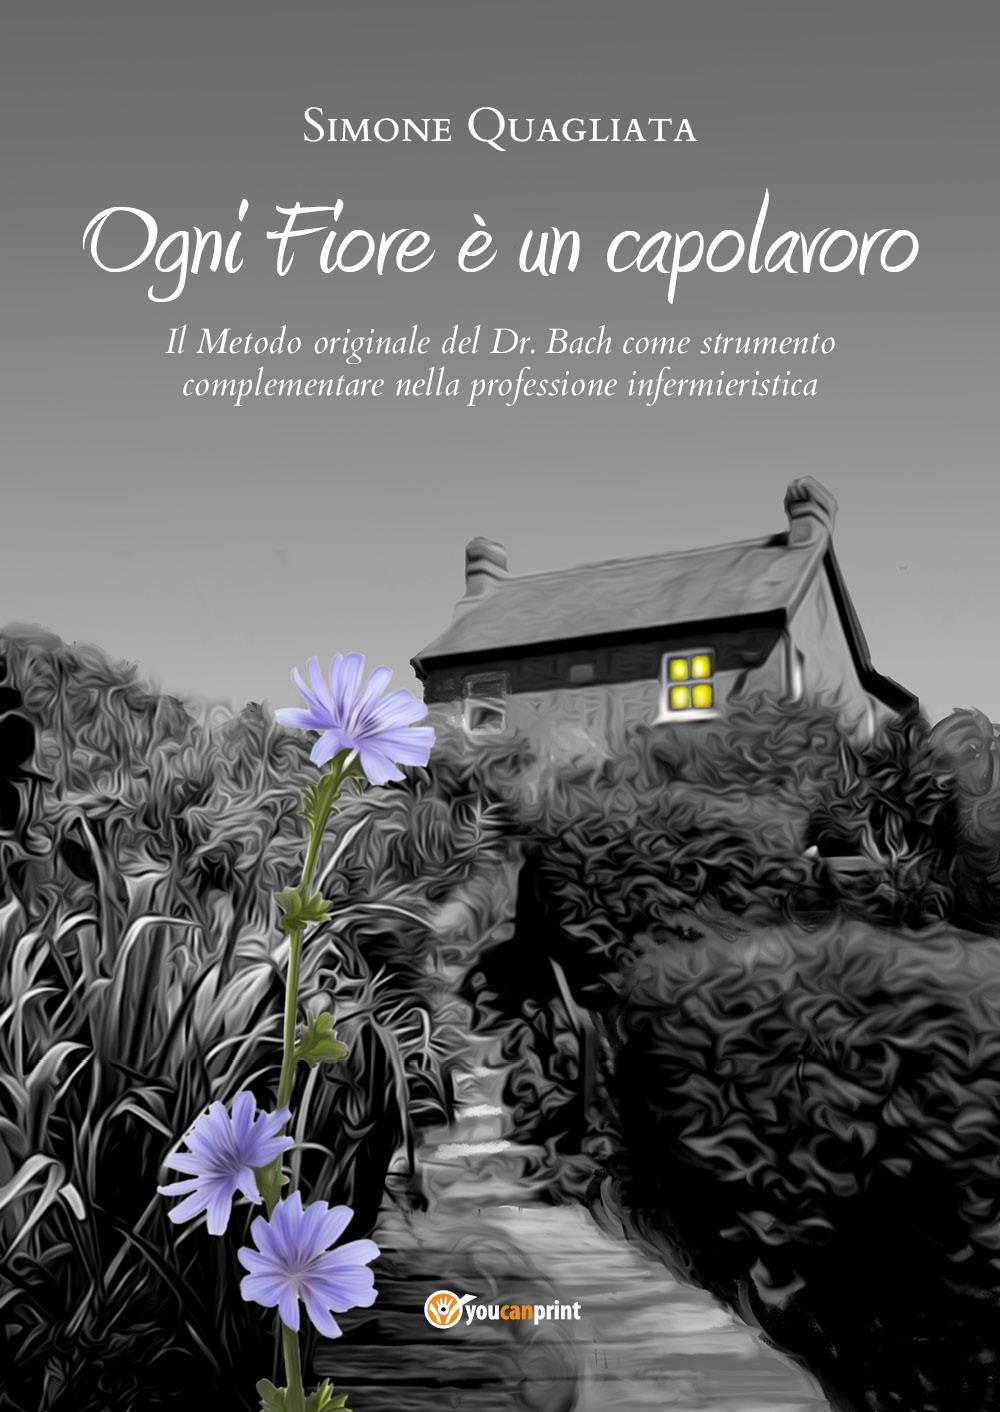 Ogni Fiore è un capolavoro - Il Metodo originale del Dr. Bach come strumento complementare nella professione infermieristica